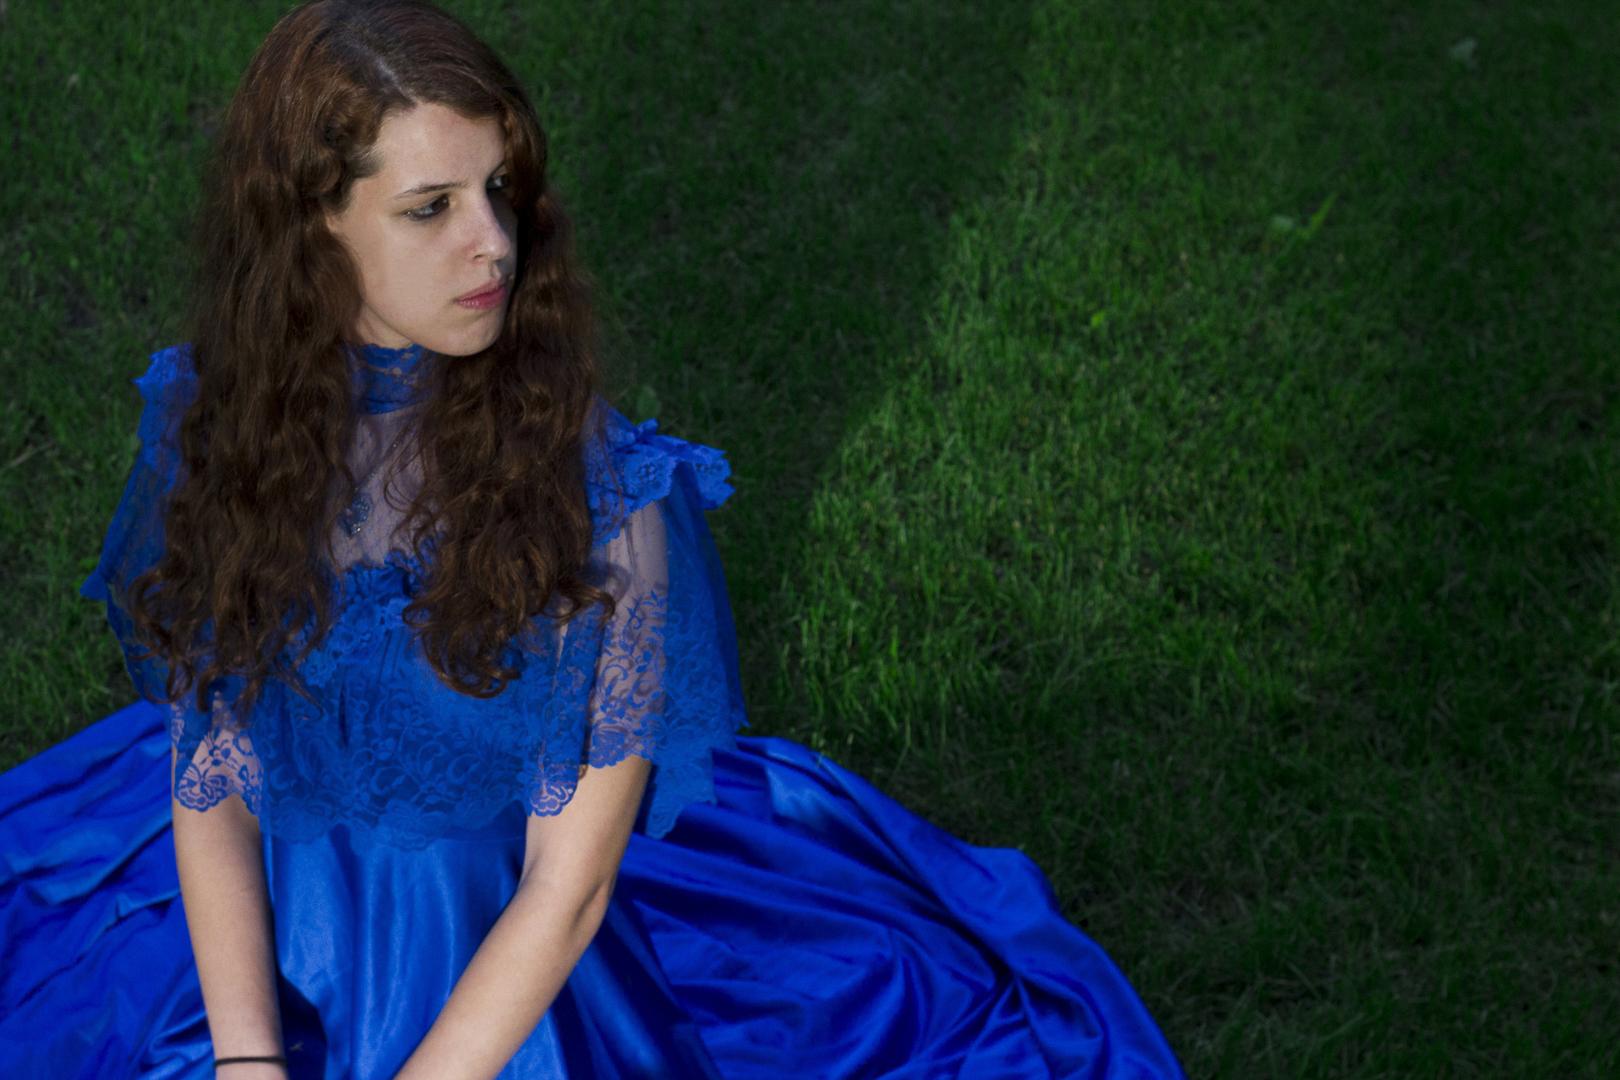 bluedress-9.jpg